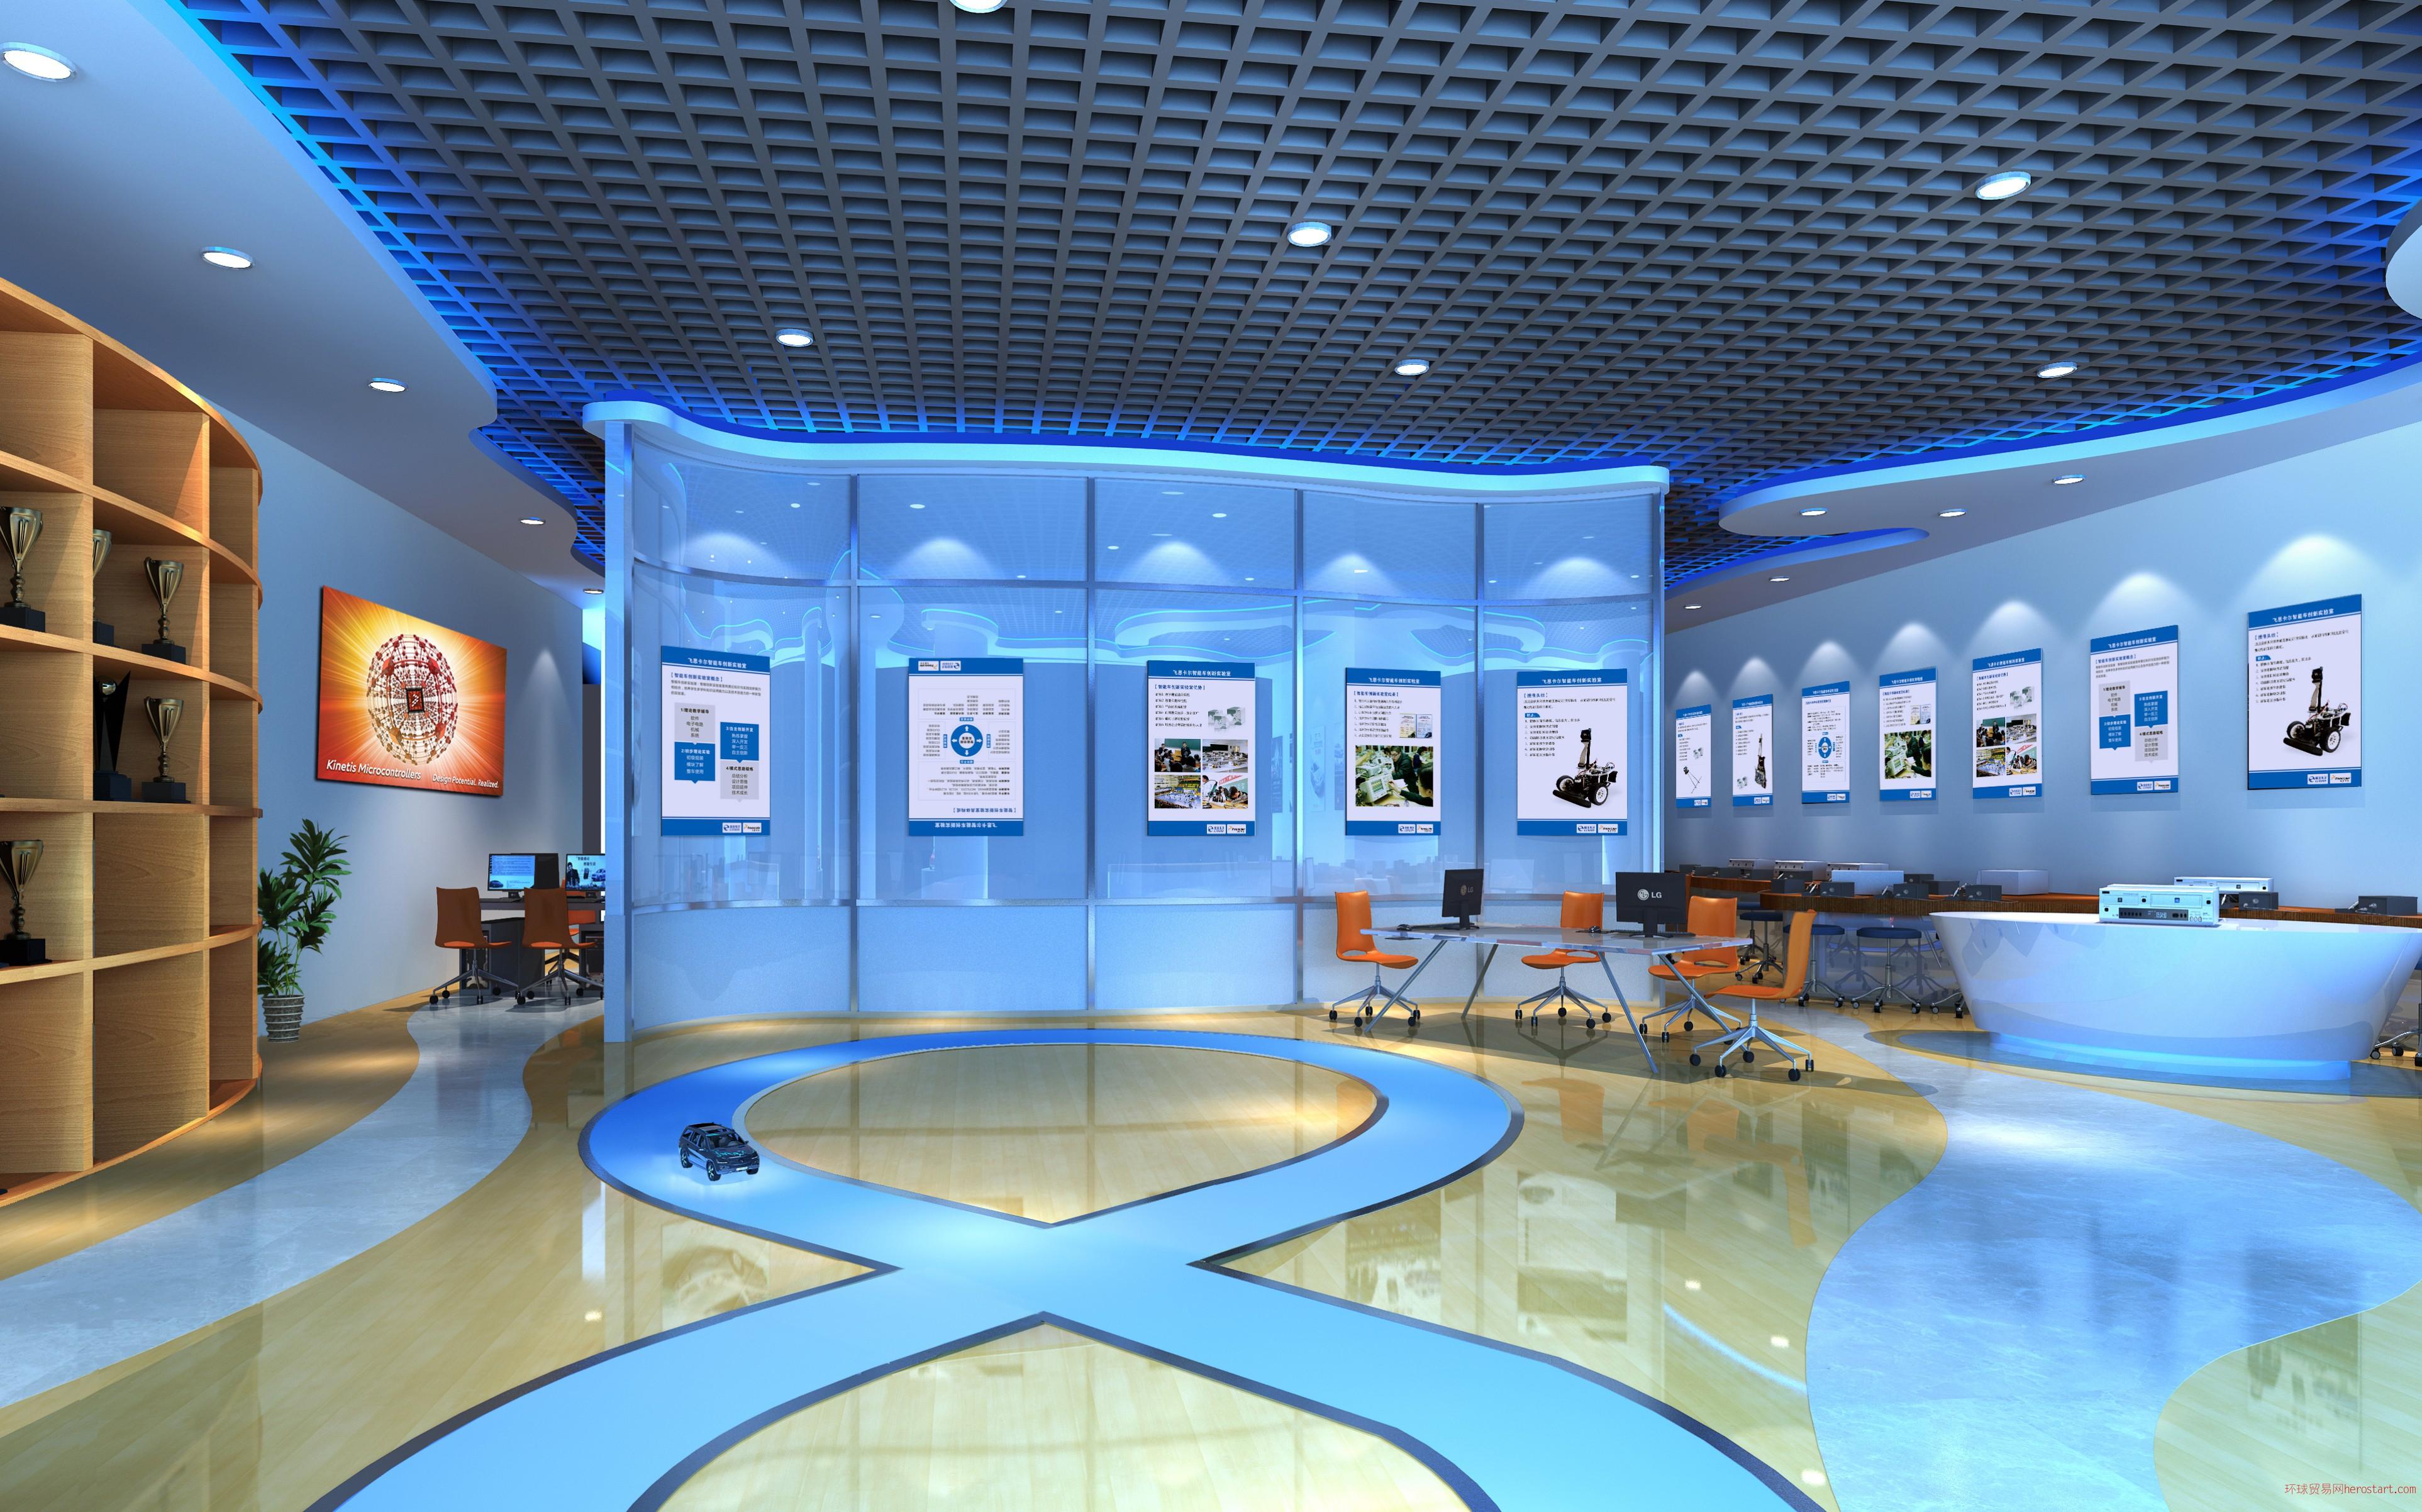 创客空间建设与内容提供商蓝宙电子